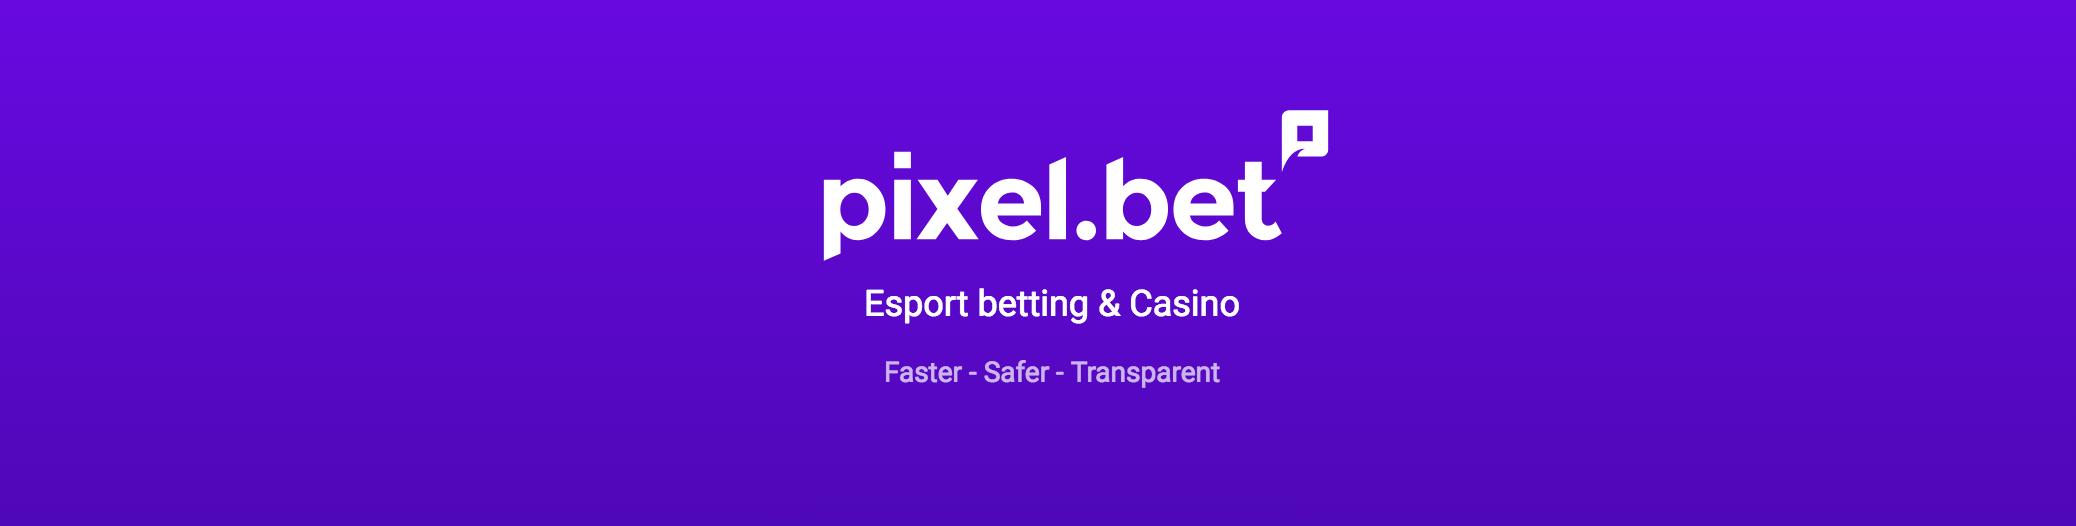 Pixel bet casino